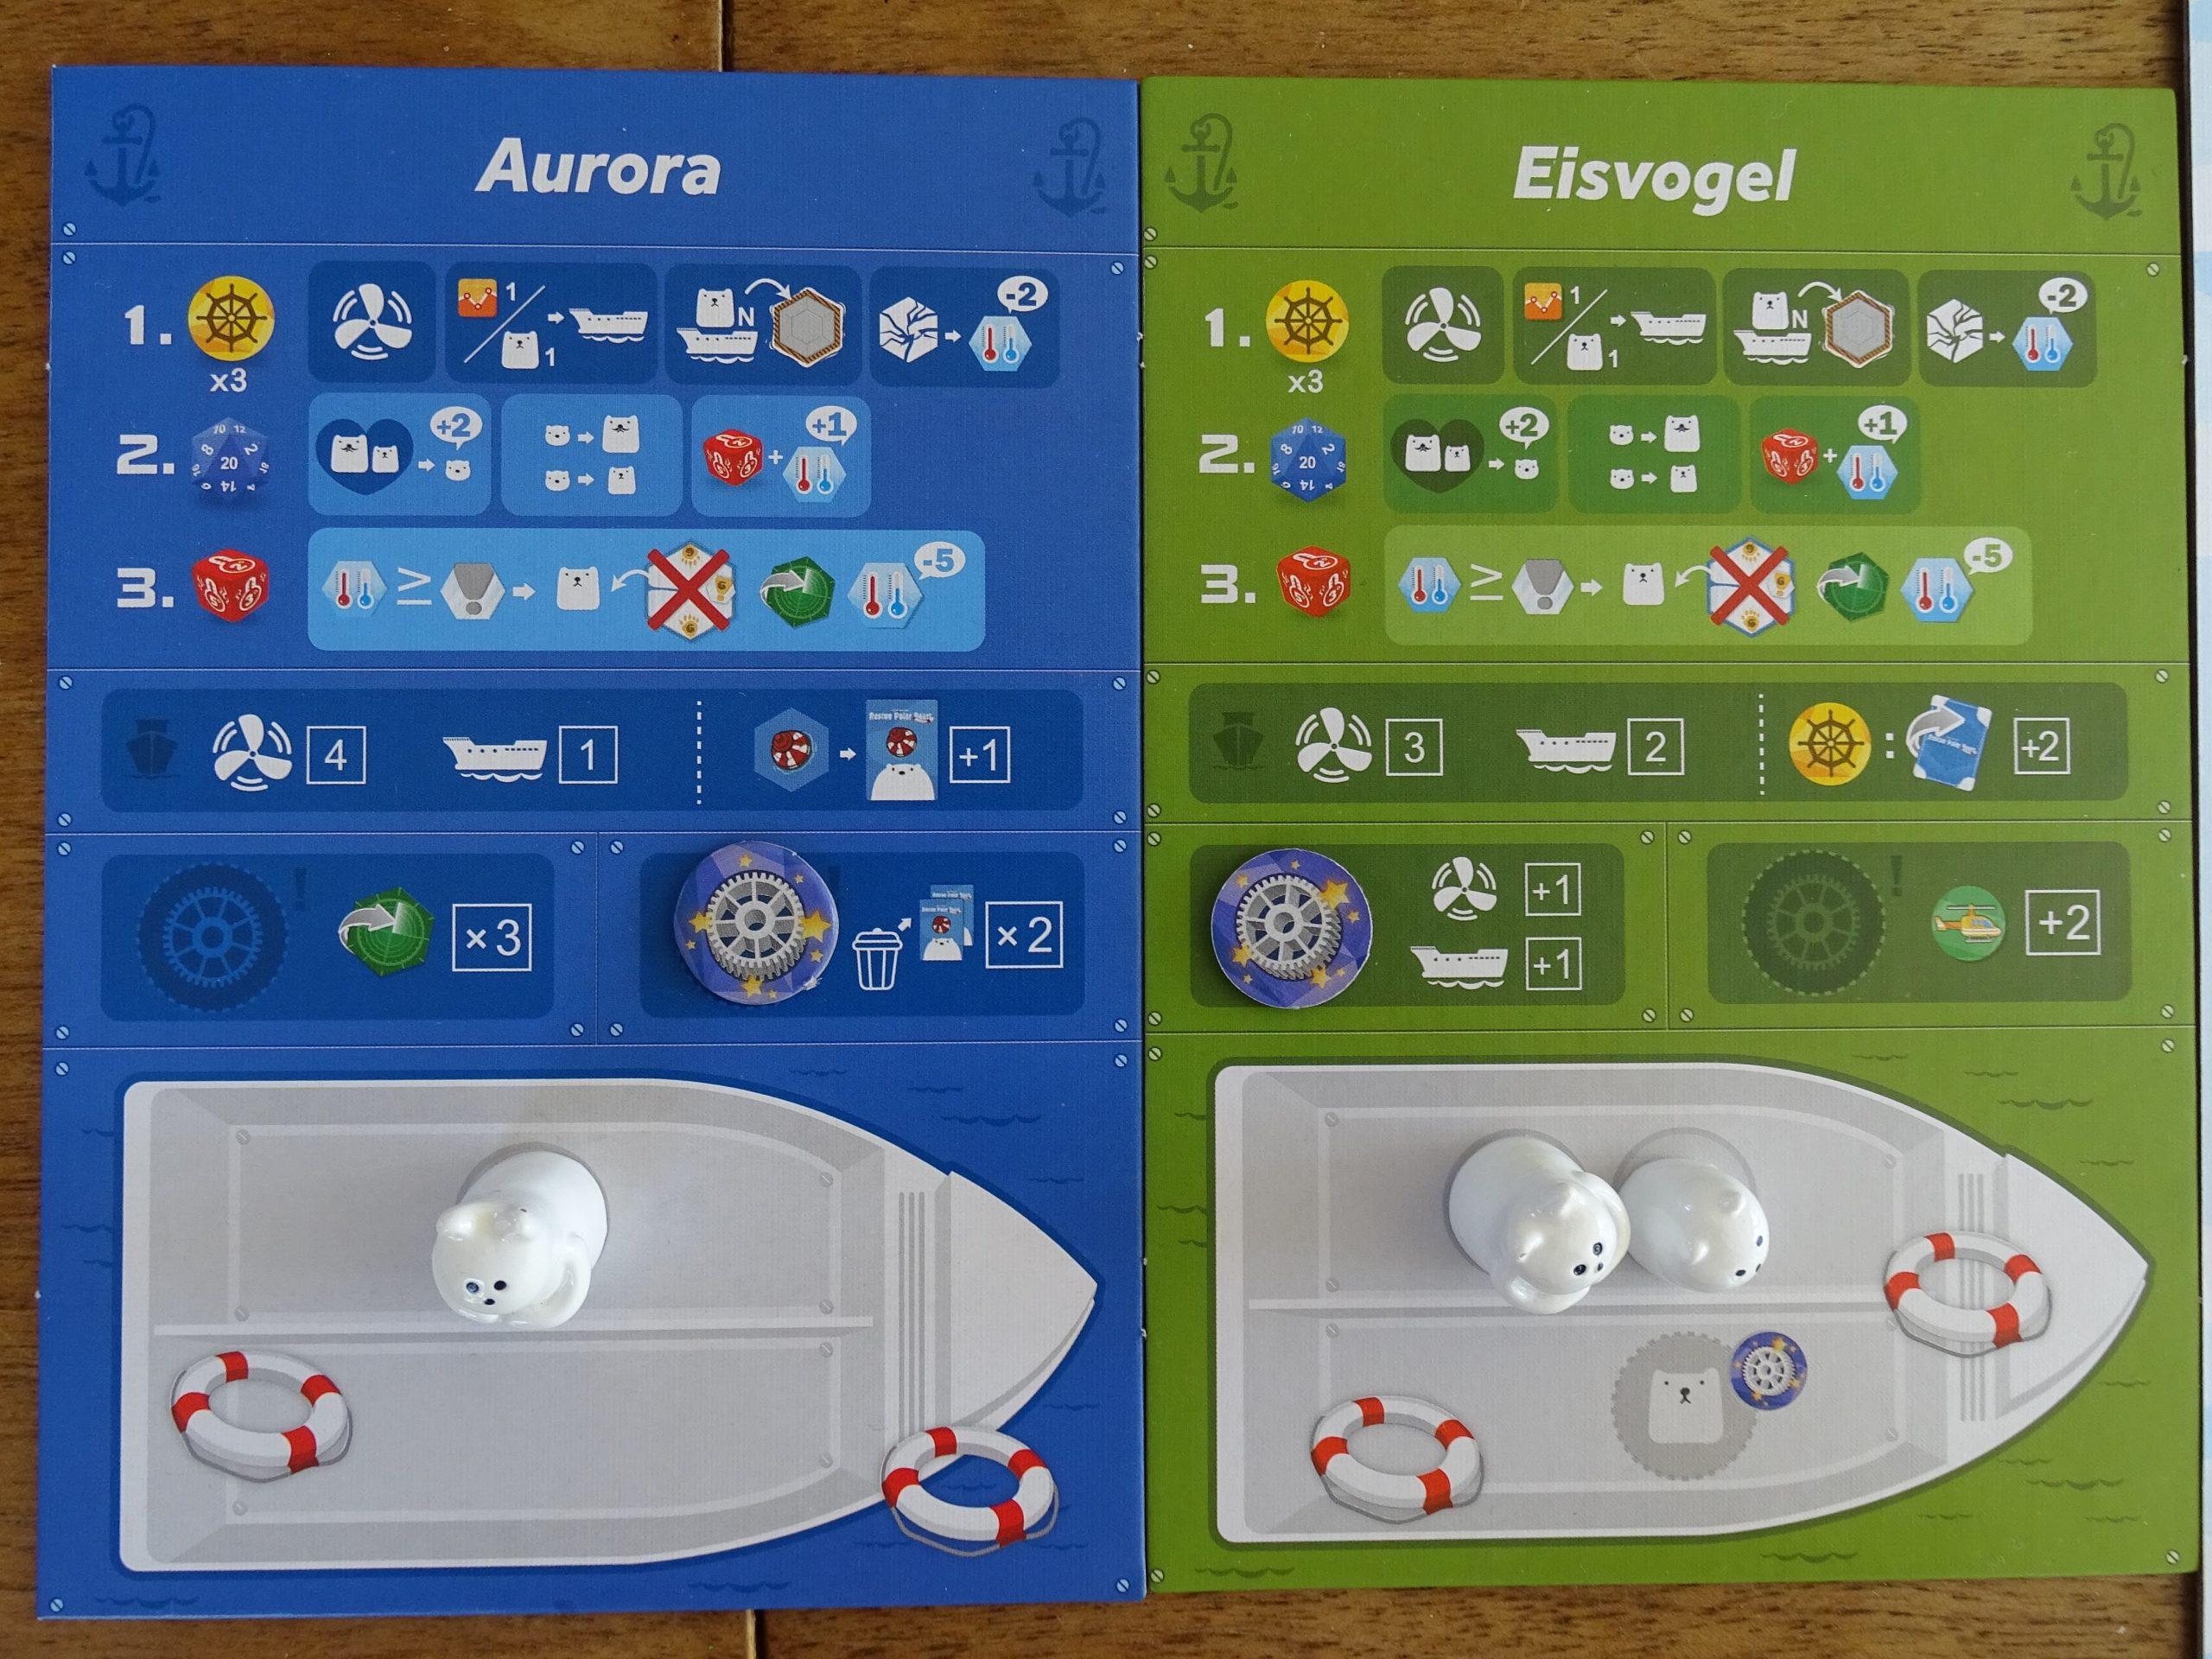 Die Boards der Boote tragen zahlreiche Symbole